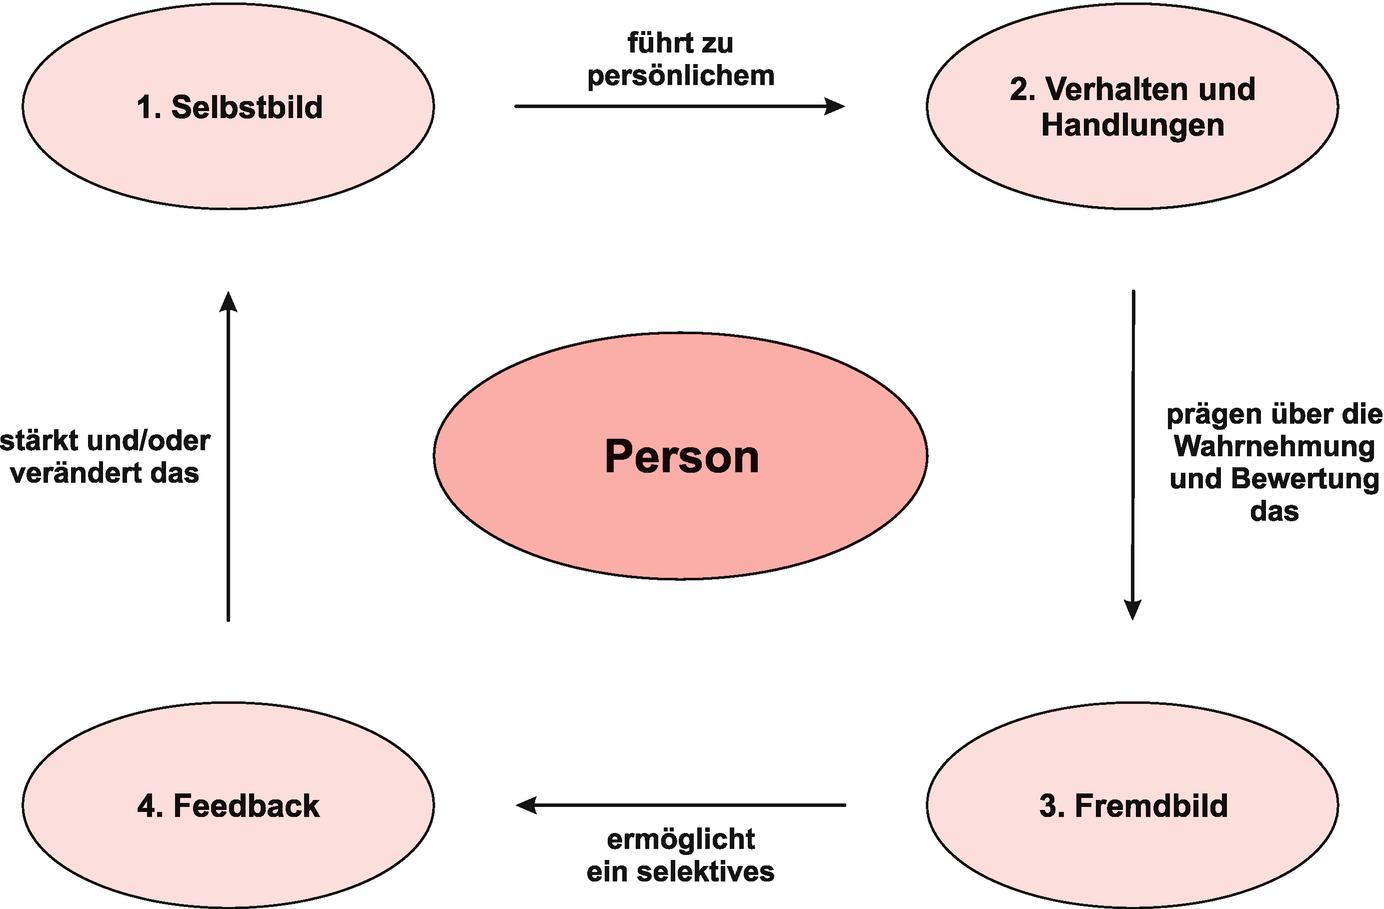 Test selbstbild fremdbild Selbstbild und